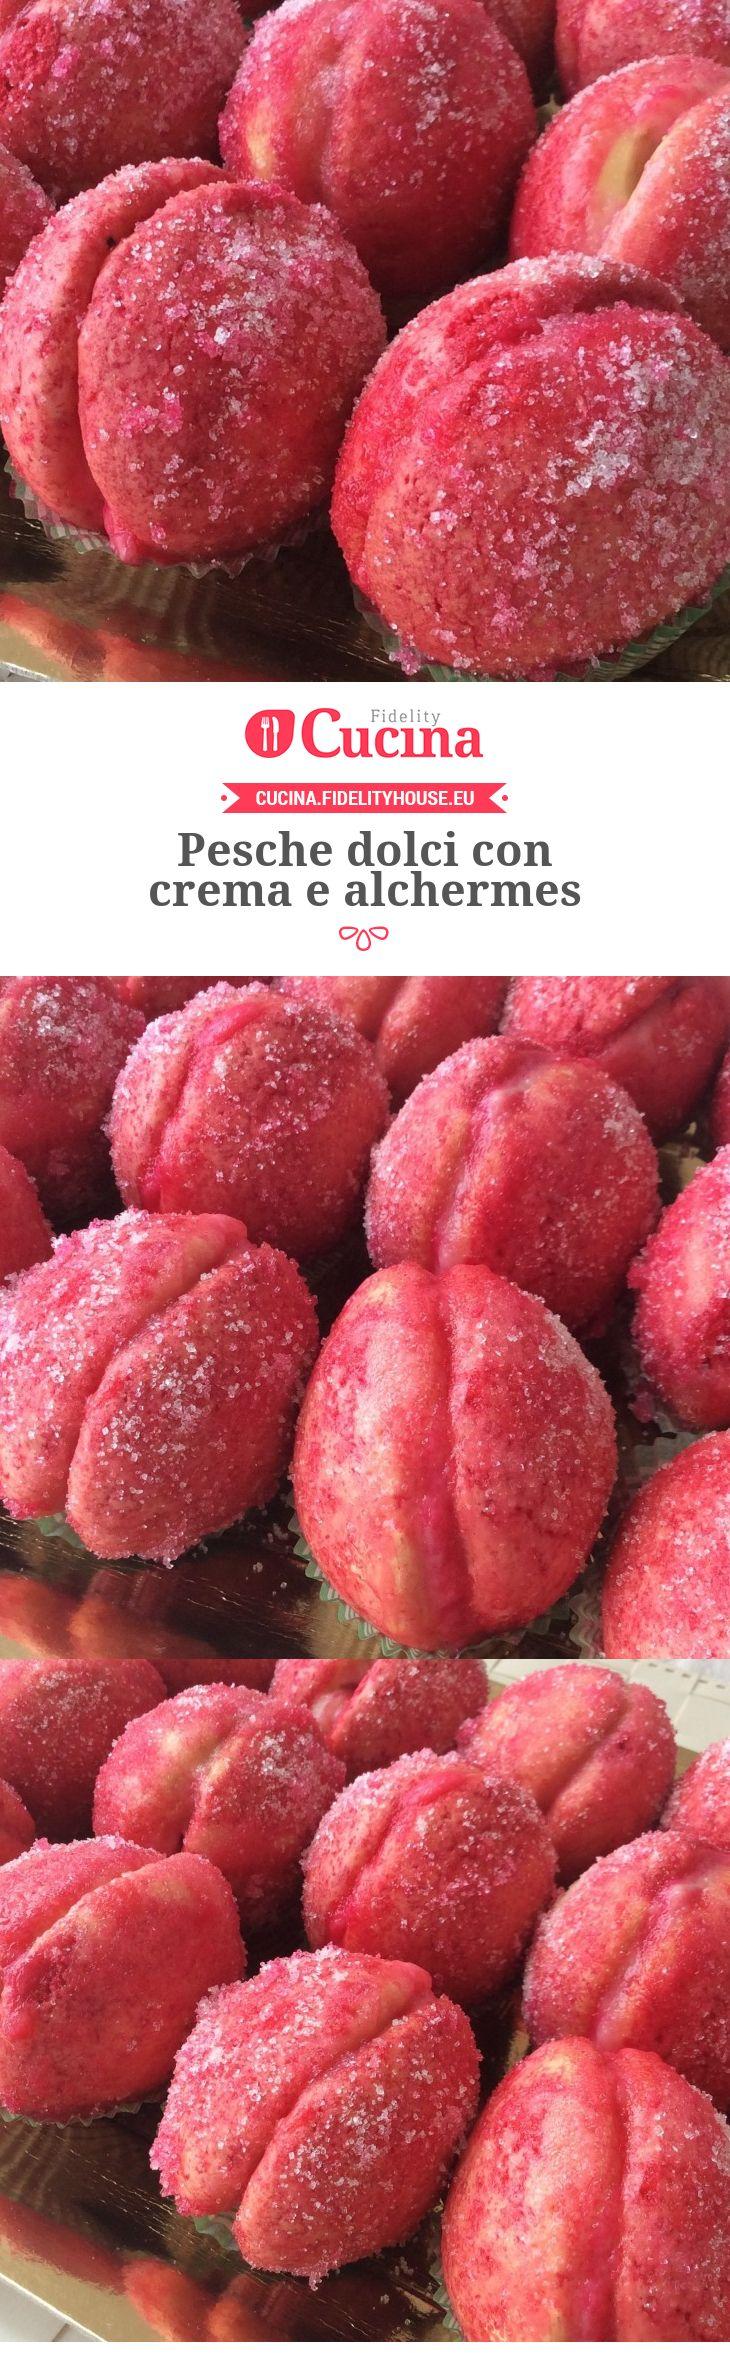 Pesche dolci con crema e alchermes